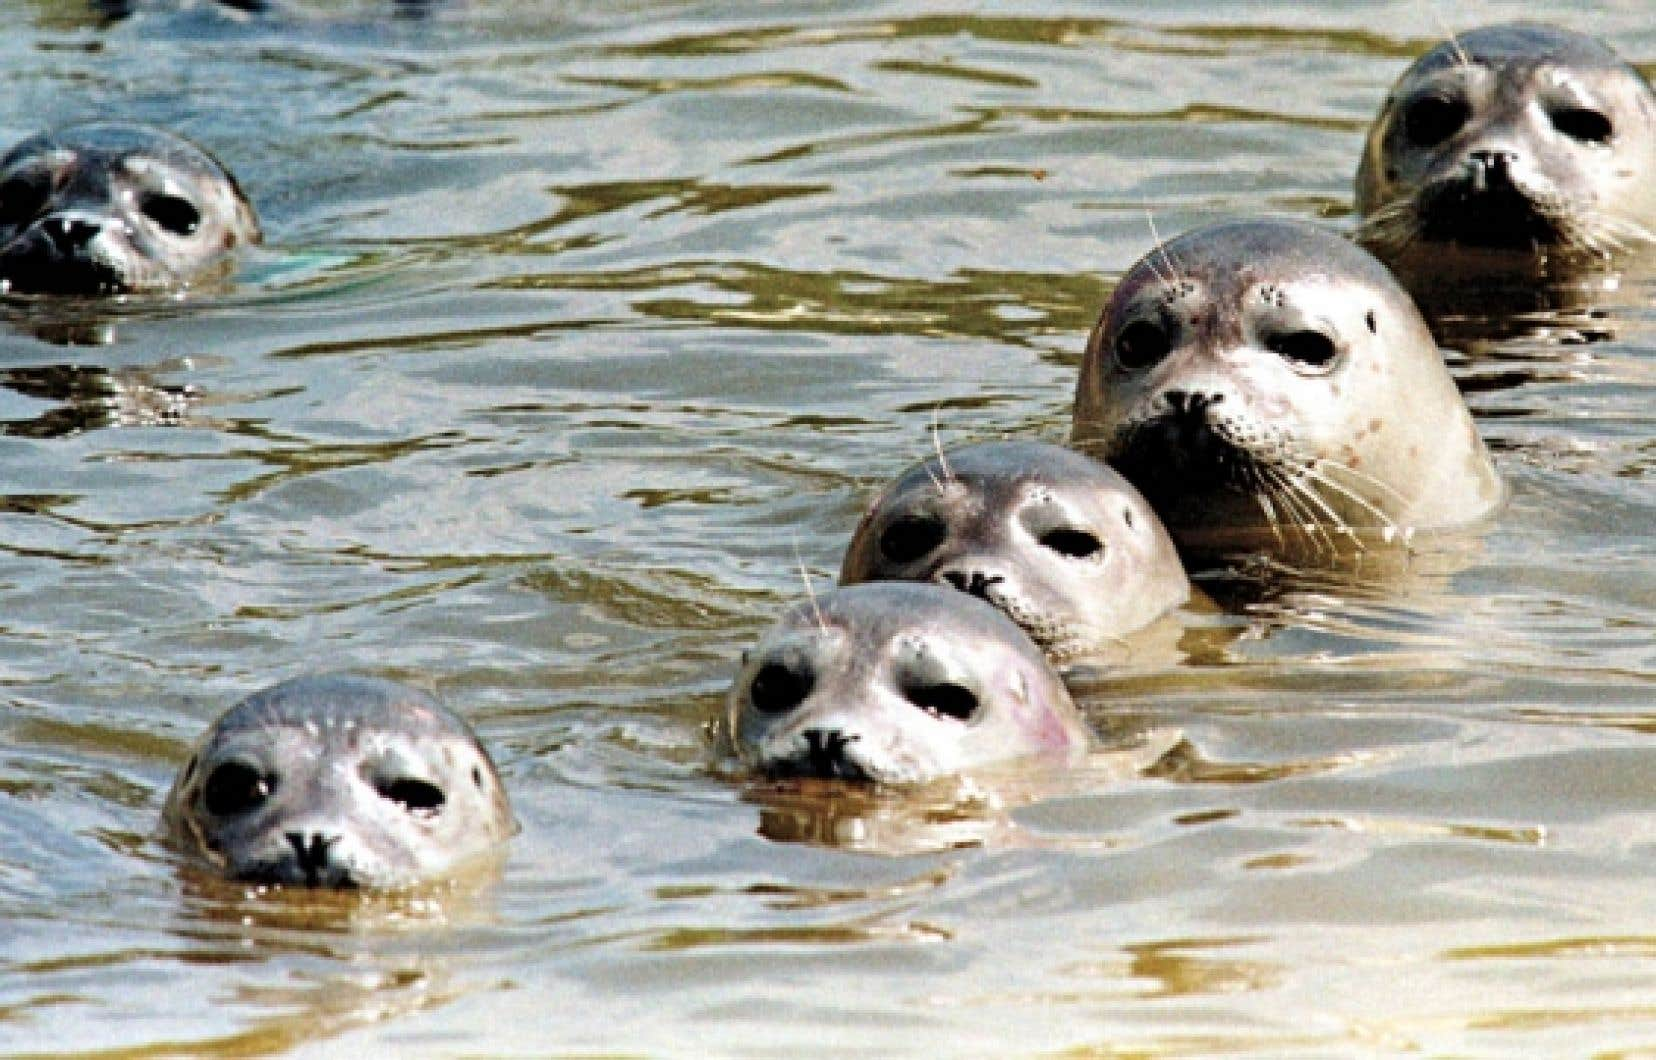 L'absence de glace risque de mettre en jeu la mise bas des phoques femelles.